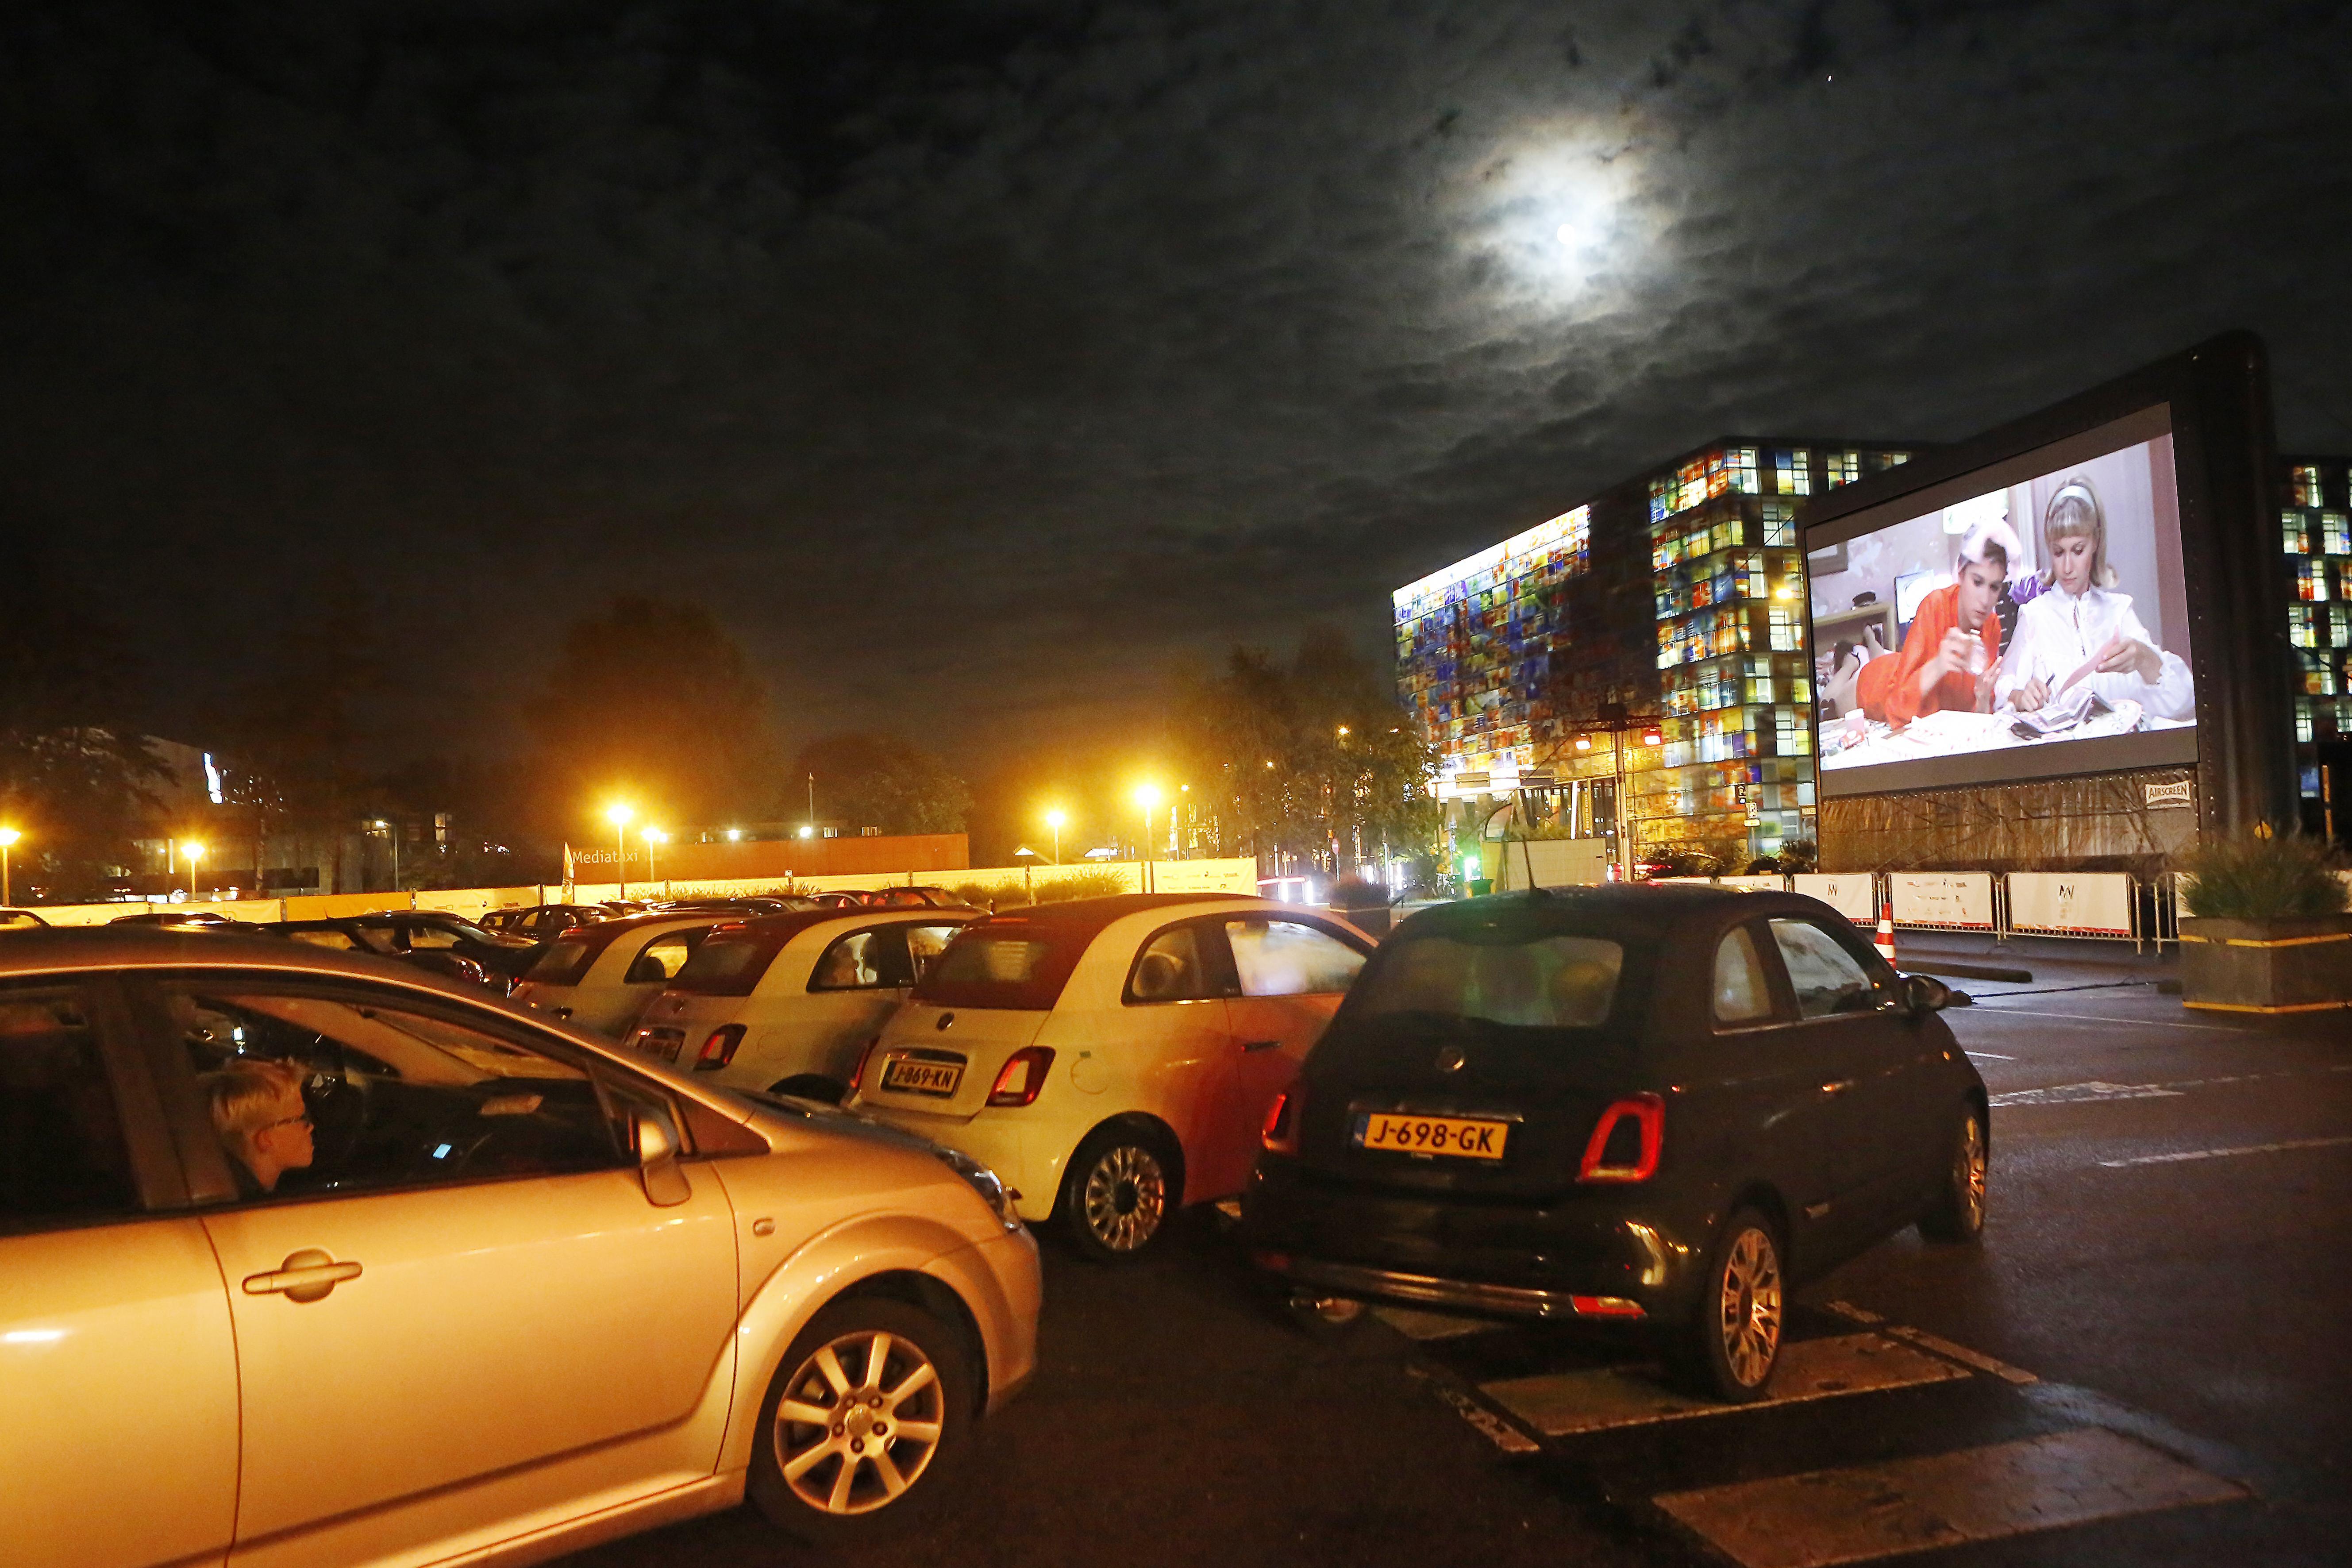 Coronaproof meezingen in de auto met liedjes uit de film Grease: Dutch Media Week van start met drive-in bioscoop op Media Park